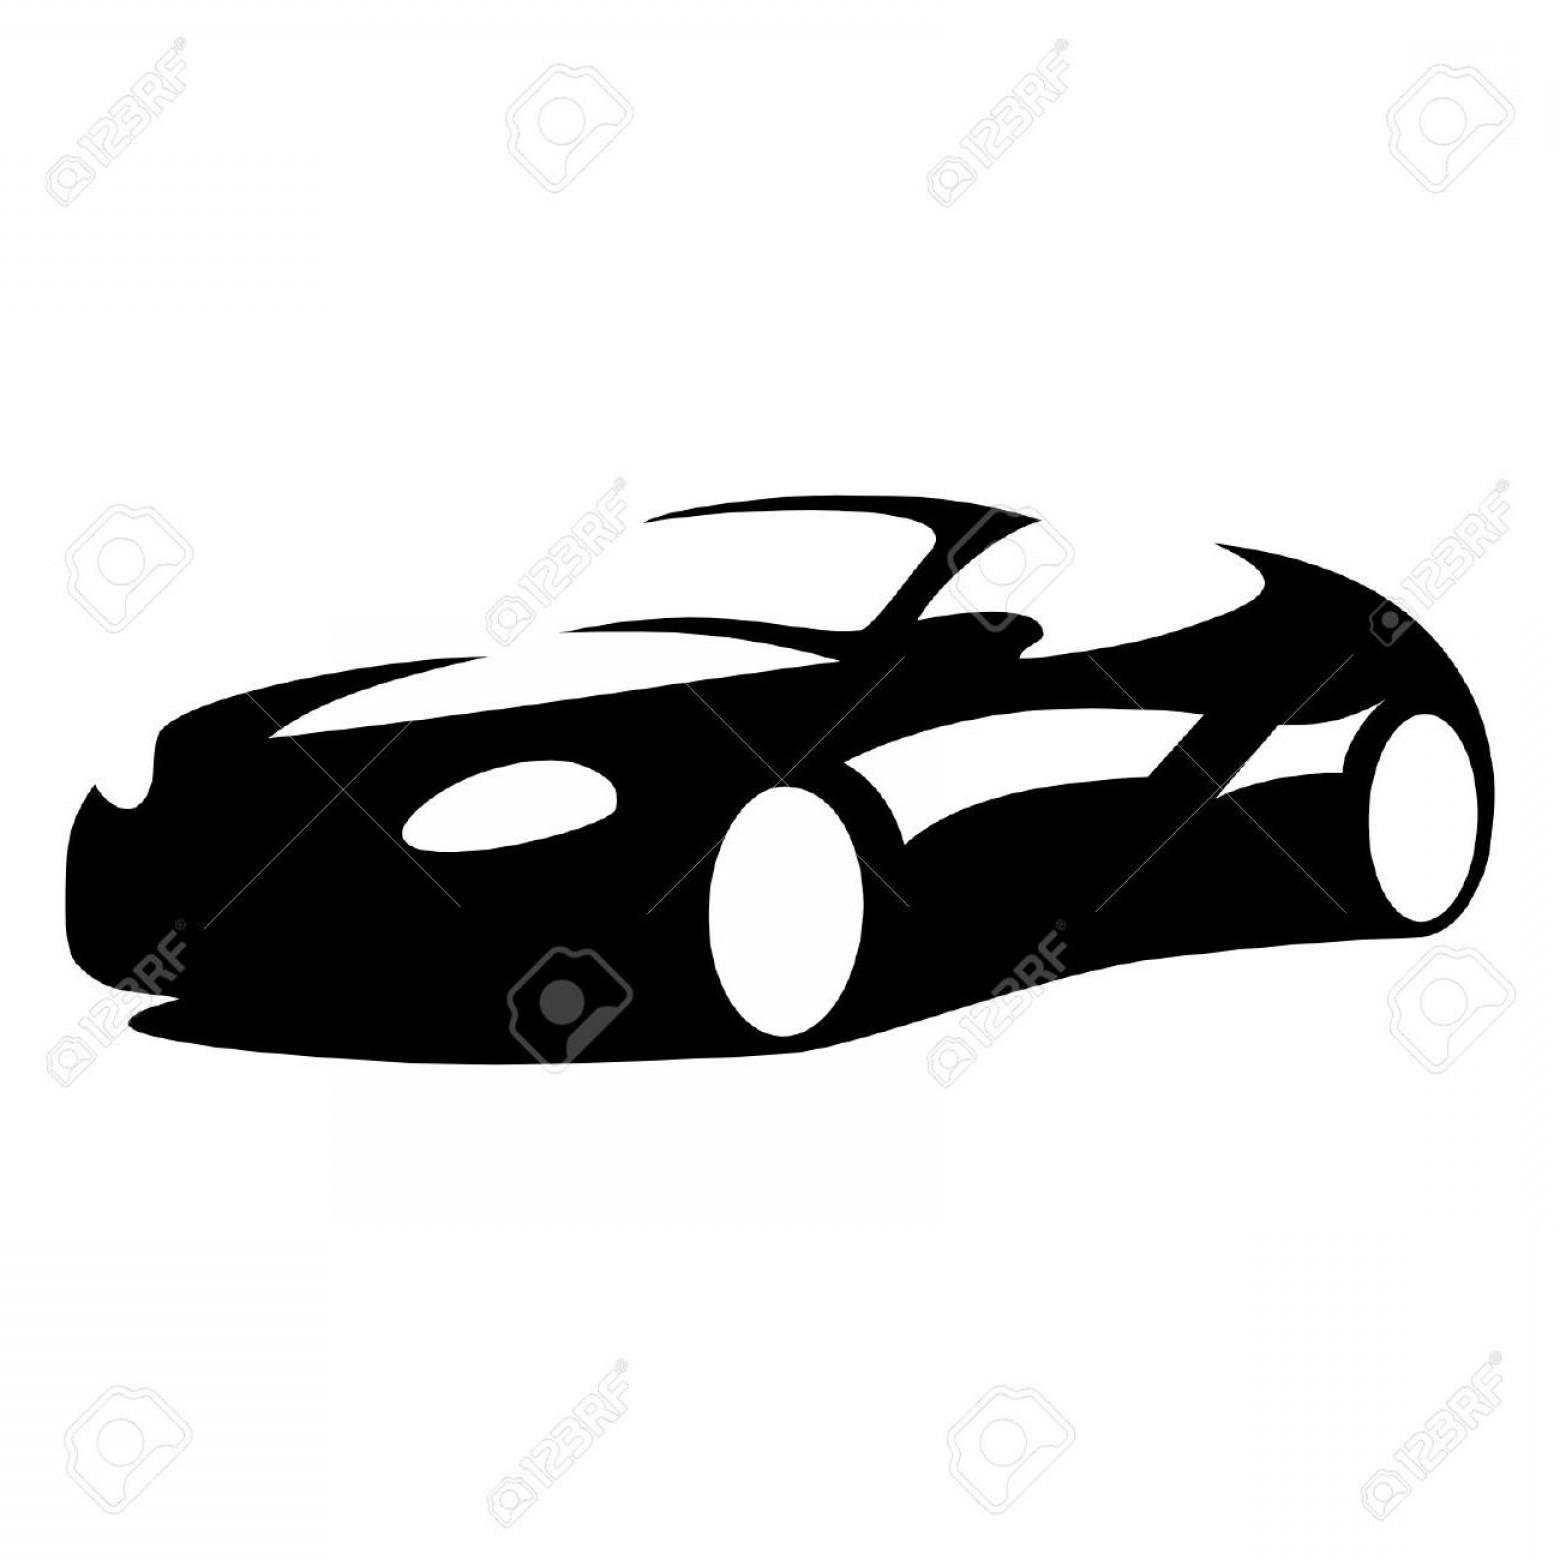 1560x1560 Car Silhouette Vector Art Lazttweet